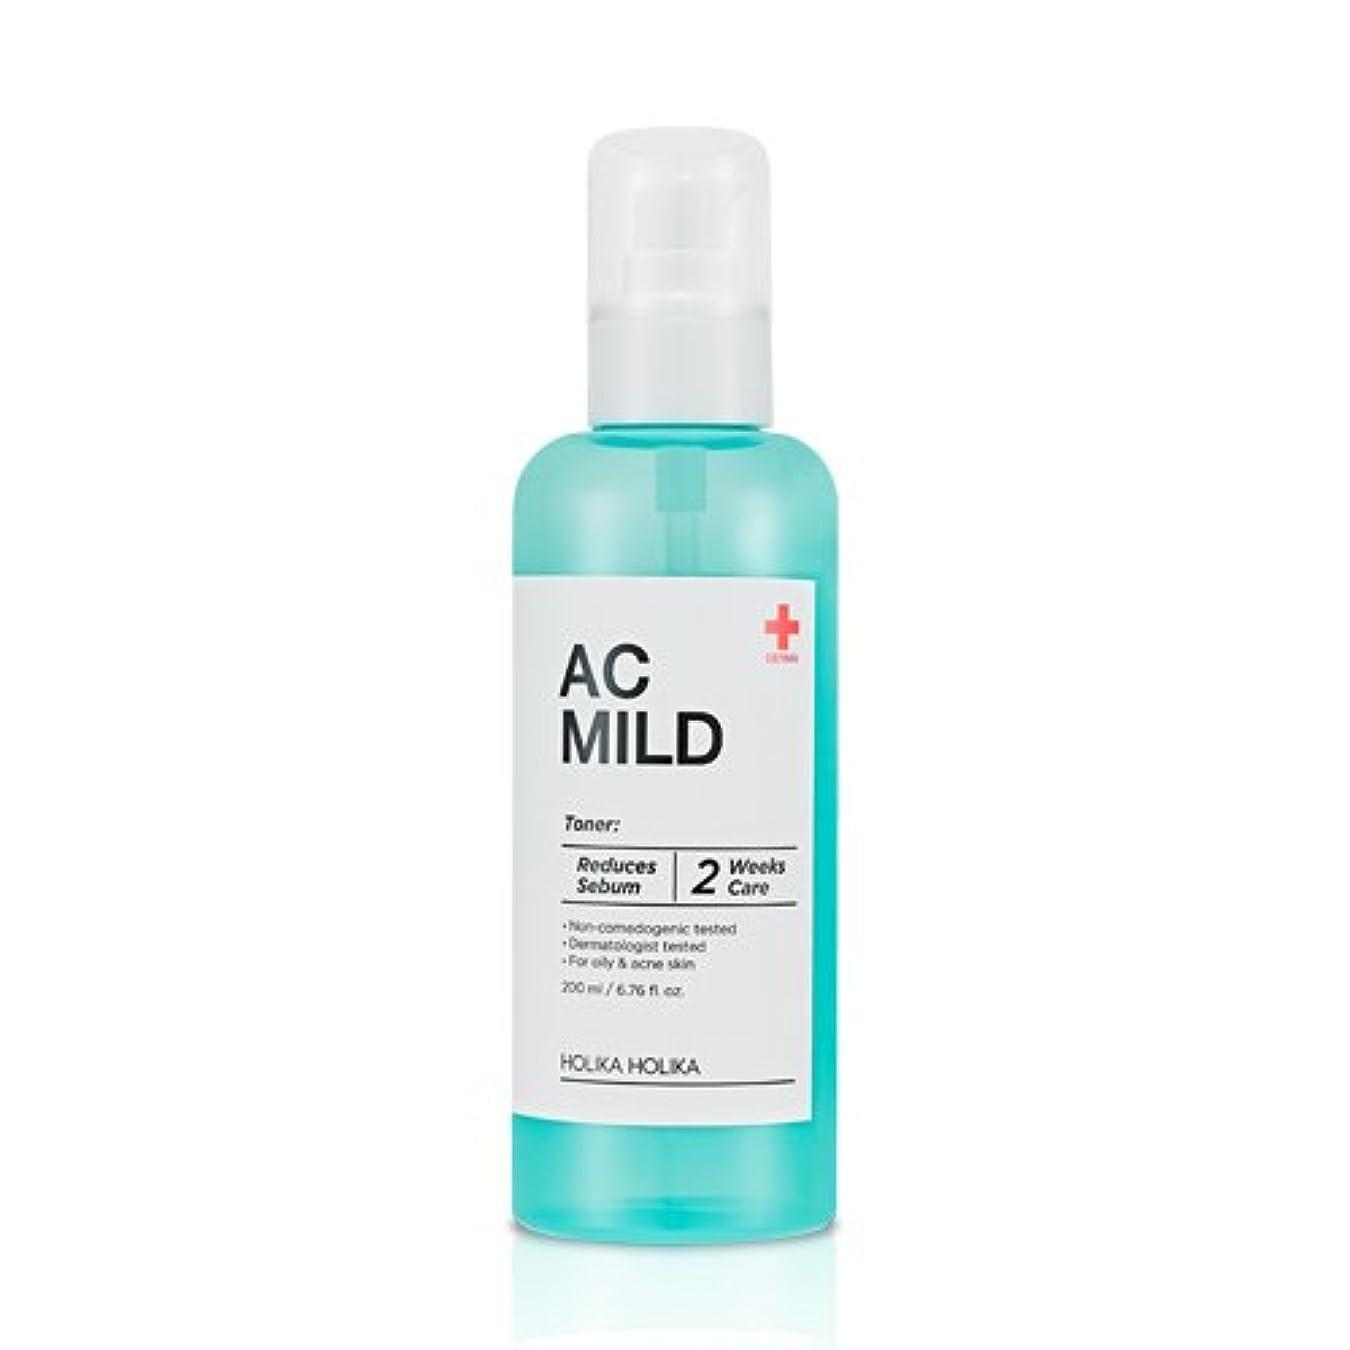 フェンス荒らす肉屋ホリカホリカ ACマイルドスキントナー/HolikaHolika AC Mild Skin Toner 200ml?化粧水 [並行輸入品]